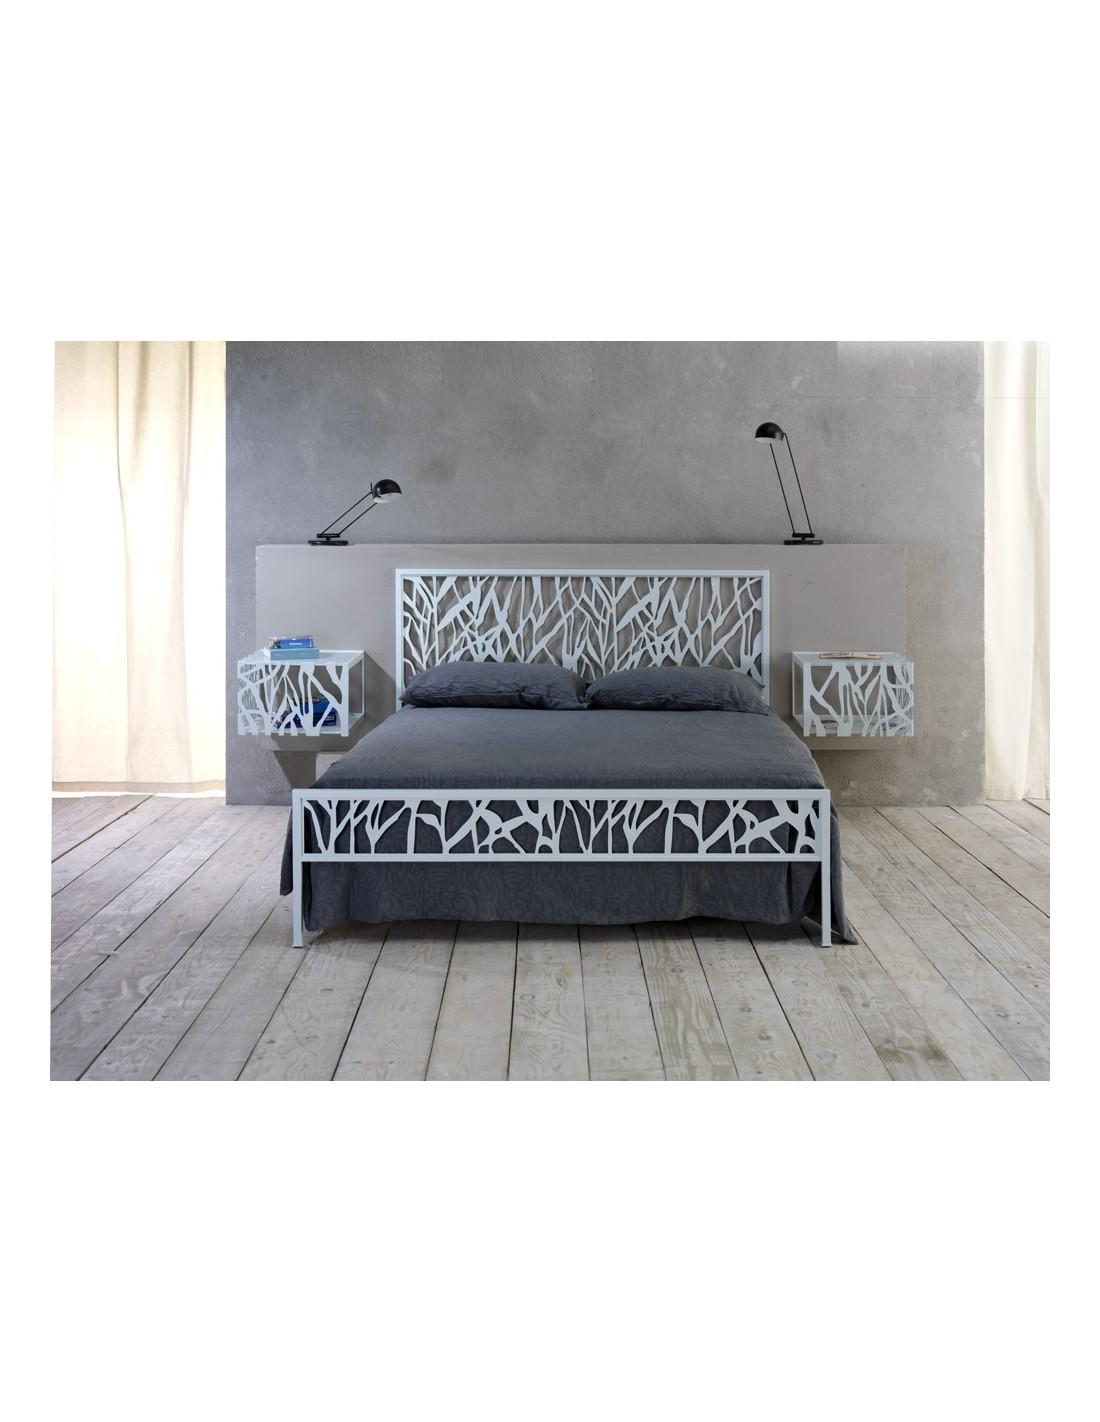 Cosatto Green letto in ferro battuto prezzi in offerta